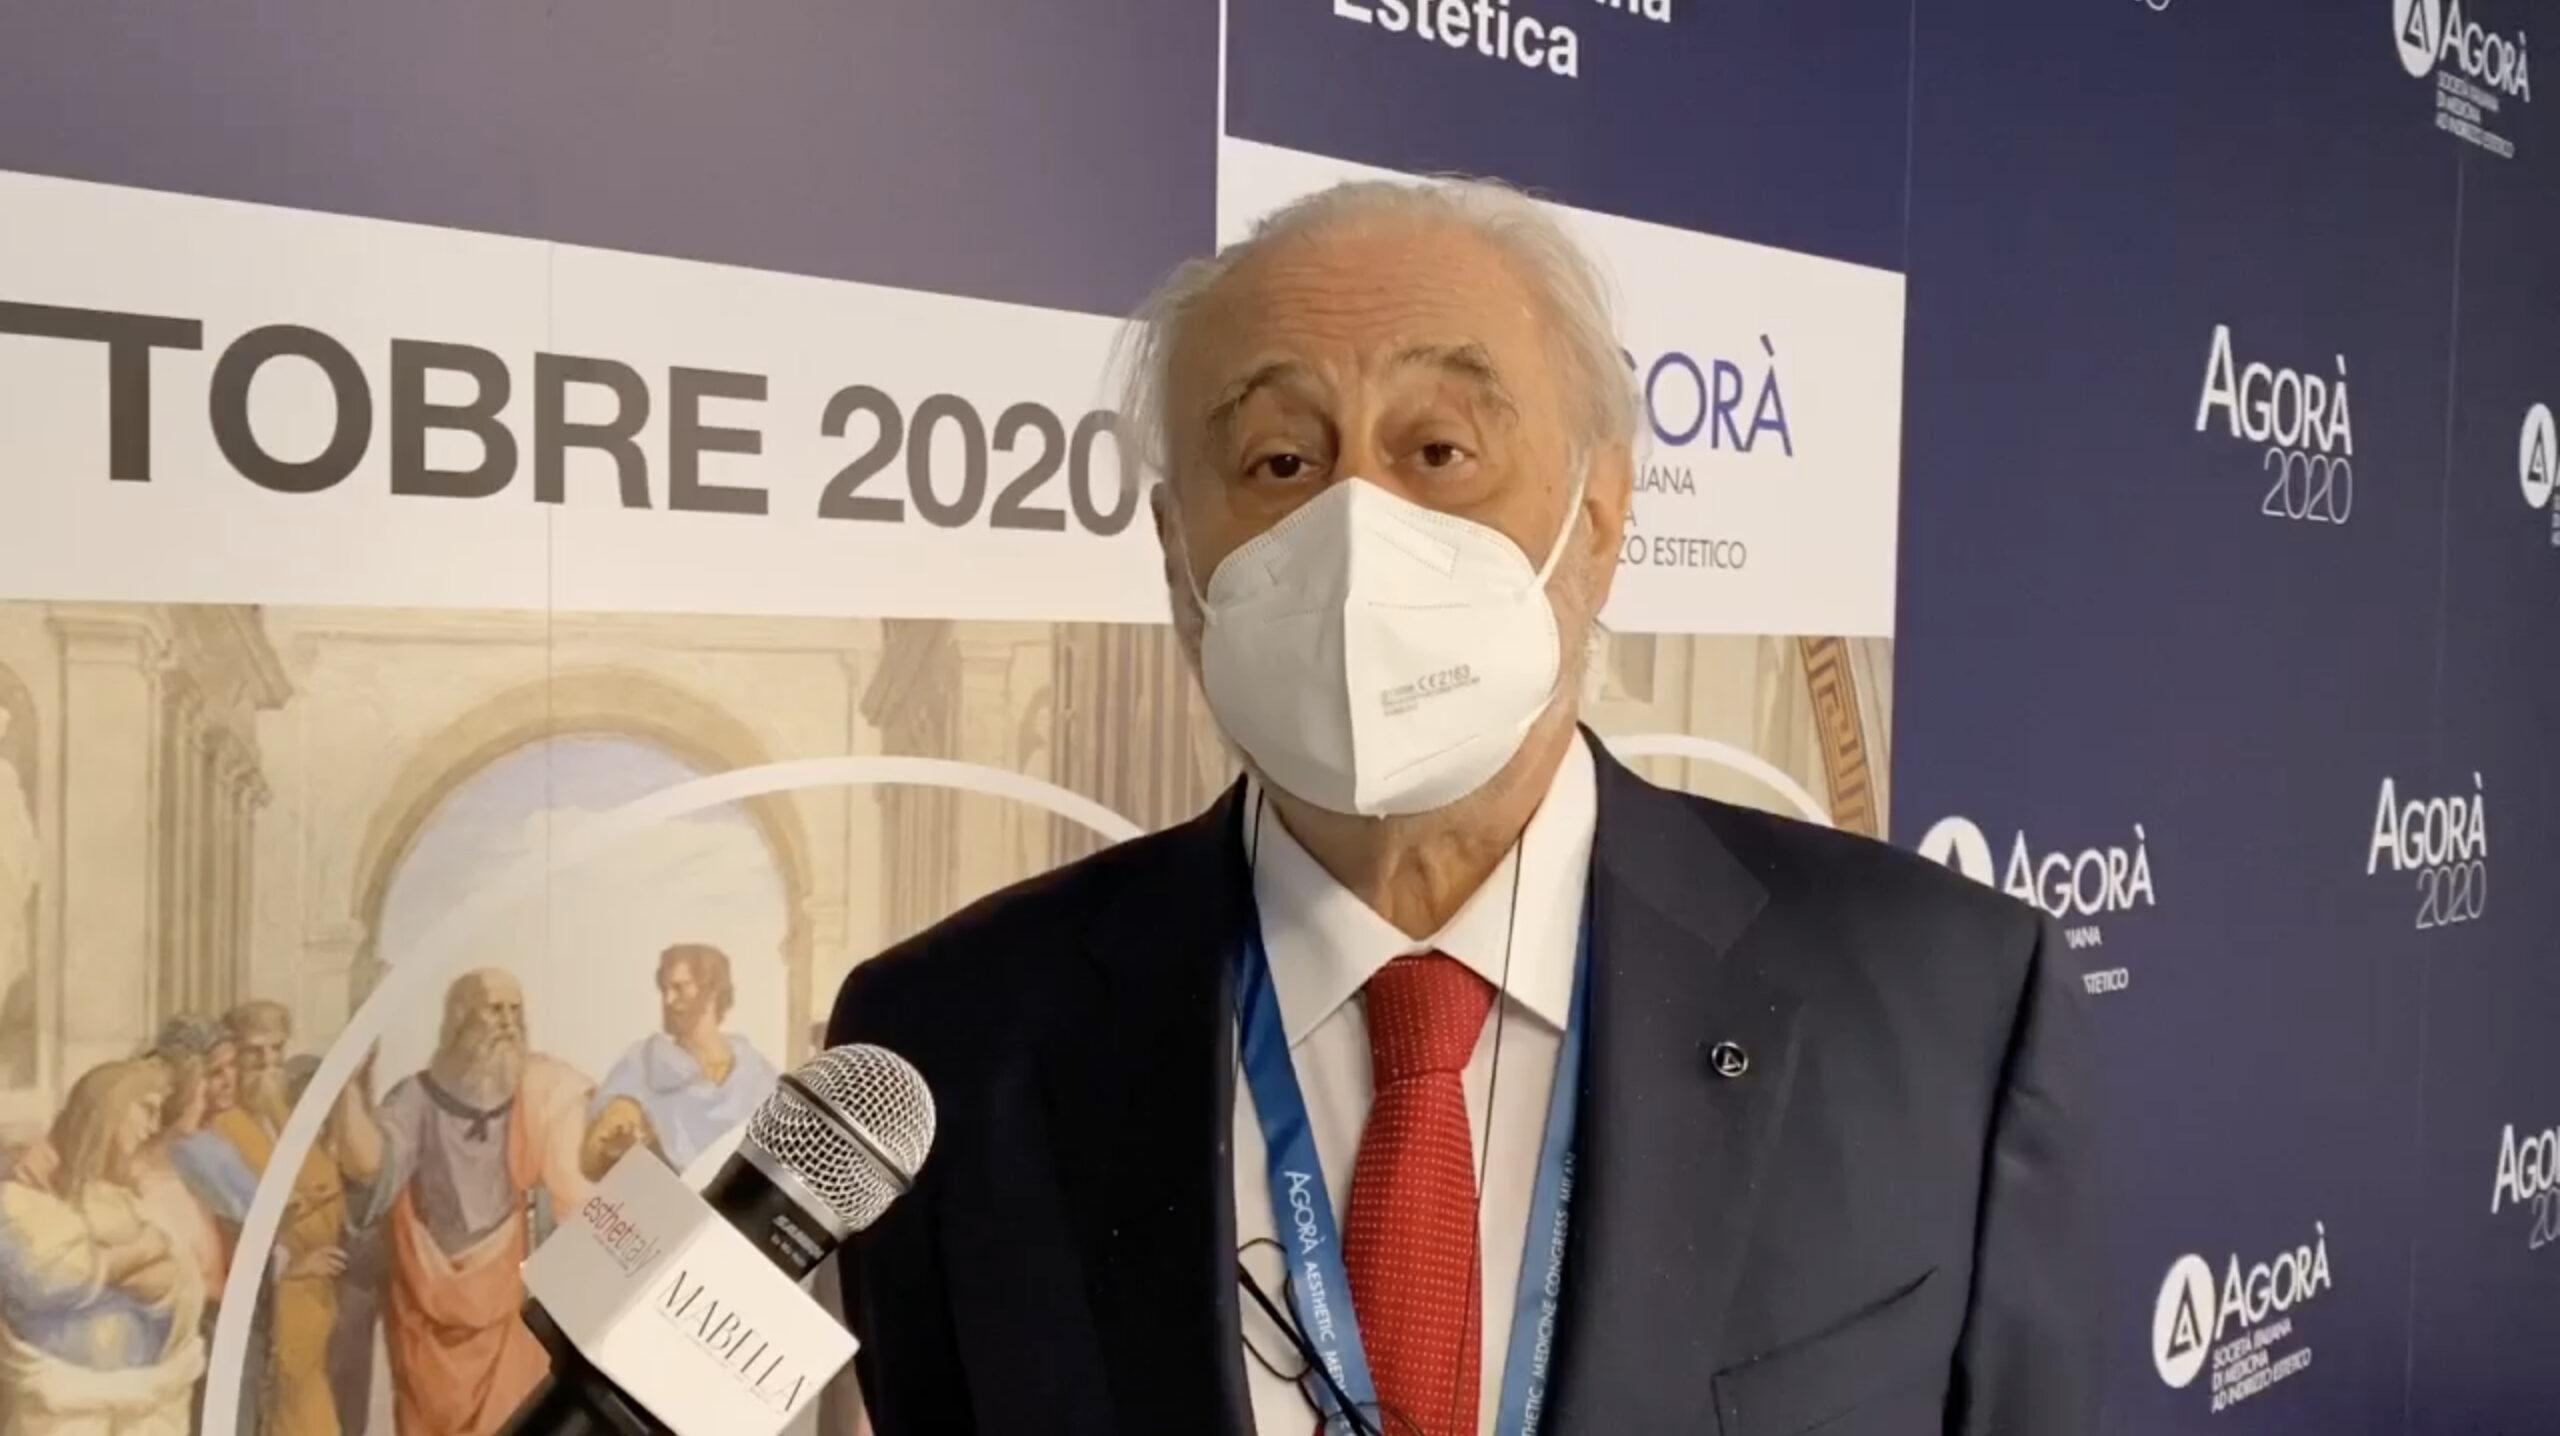 Agorà 2020: Alberto Massirone